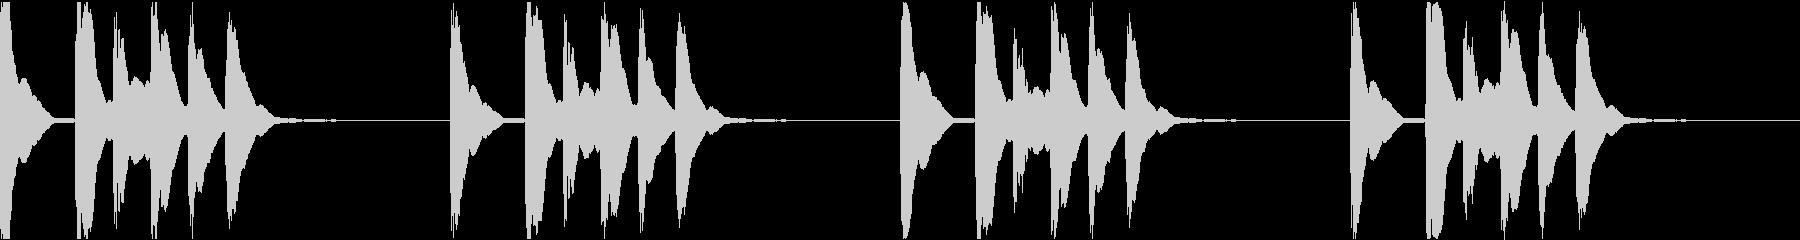 シンプル ベル 着信音 チャイム C10の未再生の波形